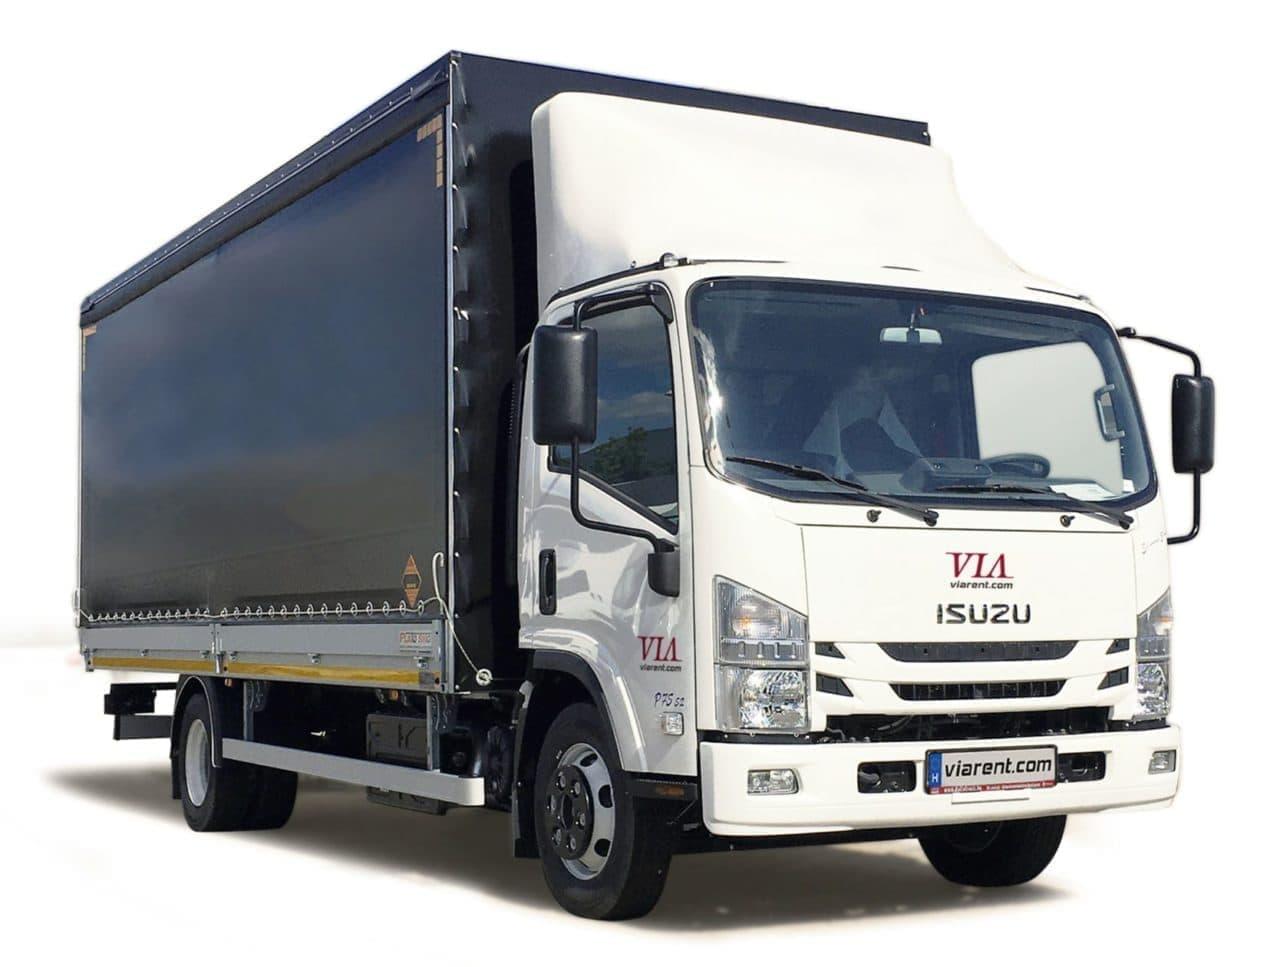 Plachtové nákladné auto ISUZU 5,5-14 prenájom